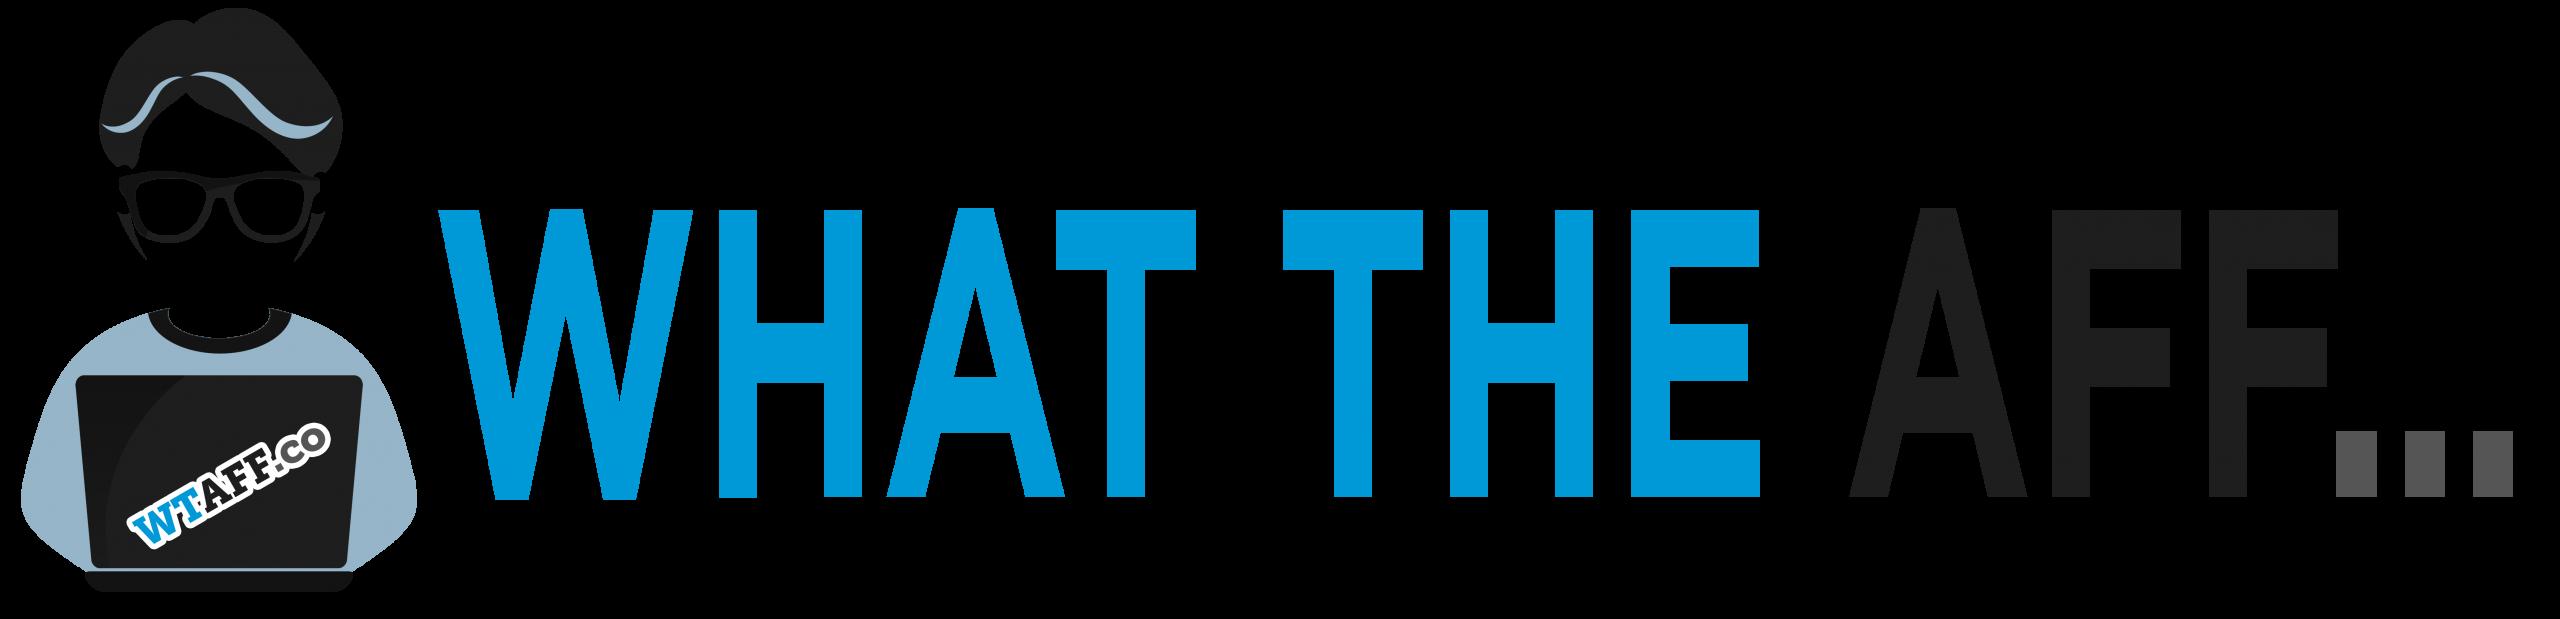 WTAFF-logo-without-tagline (1)